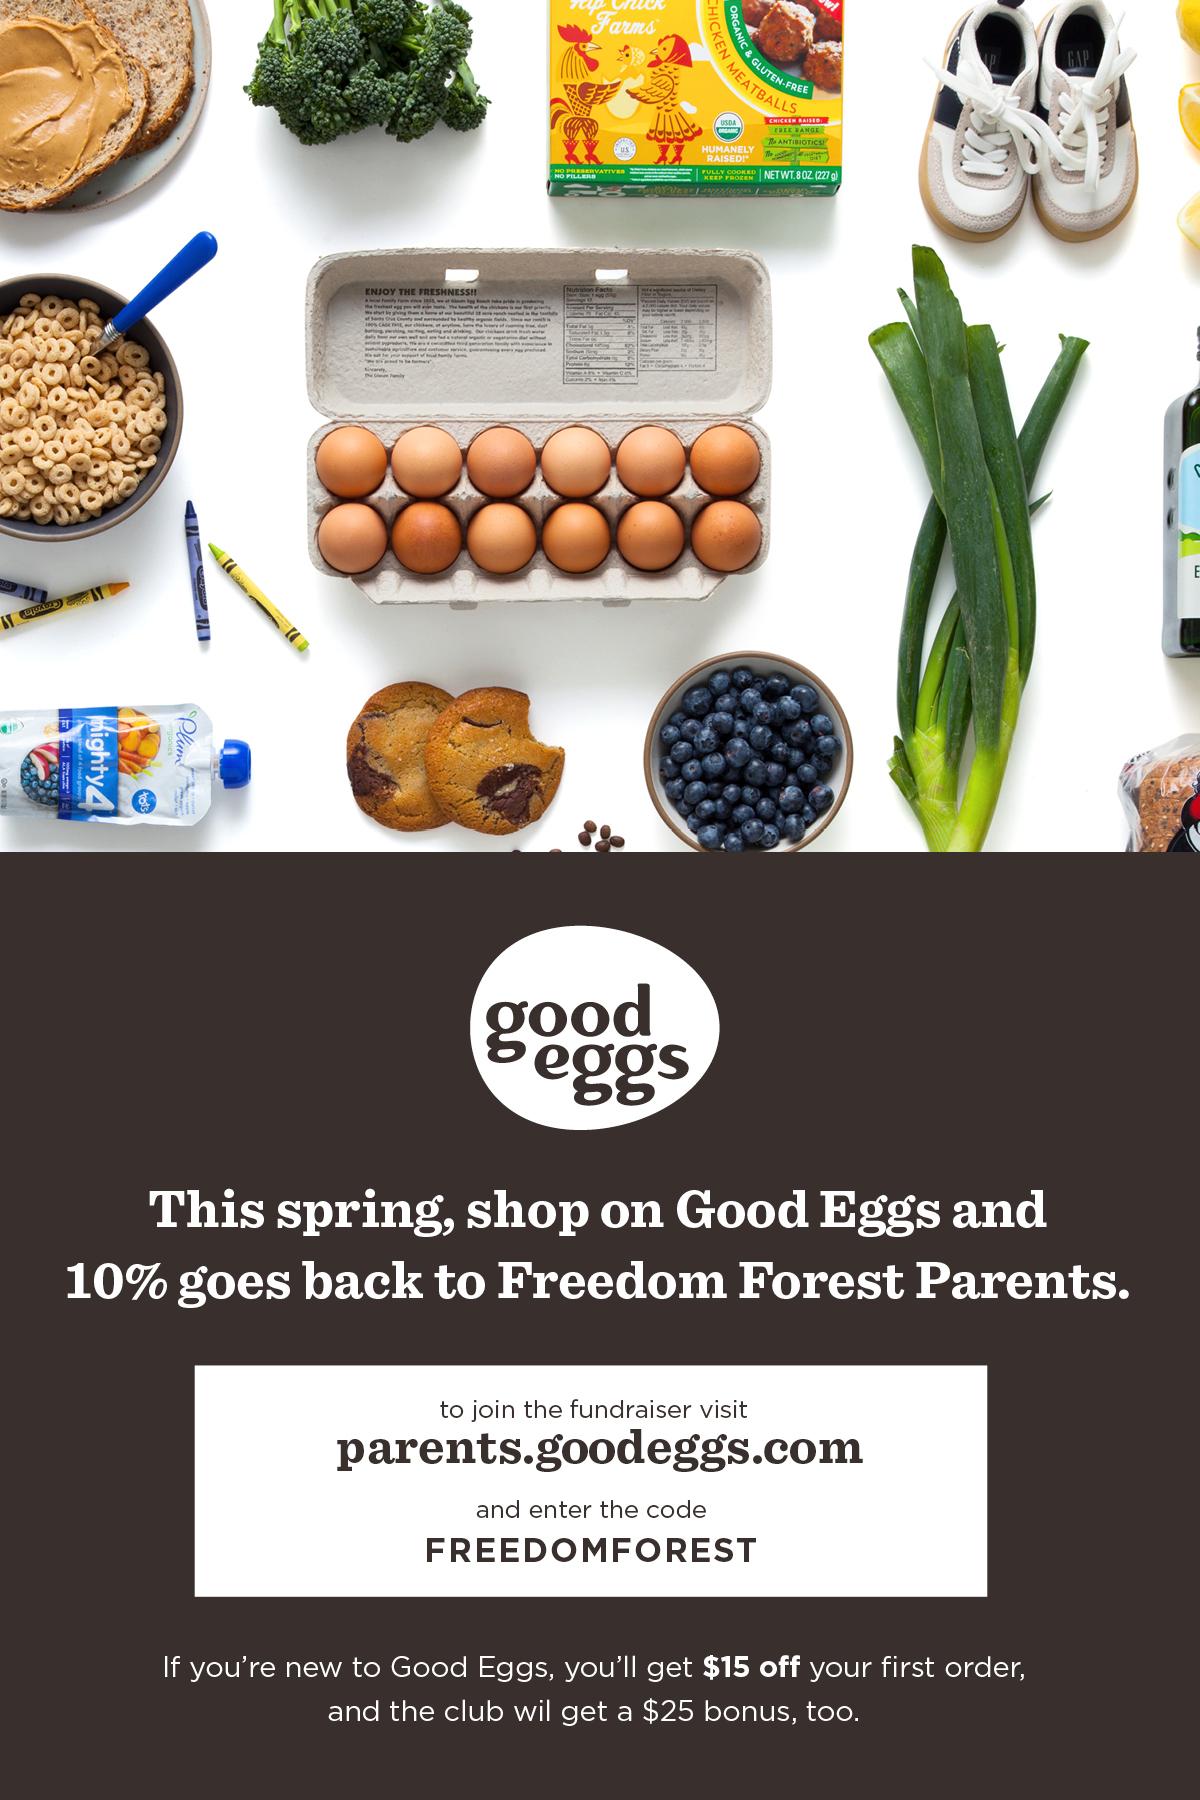 Digital Flyer_Good Eggs Fundraiser_Freedom Forest.jpg